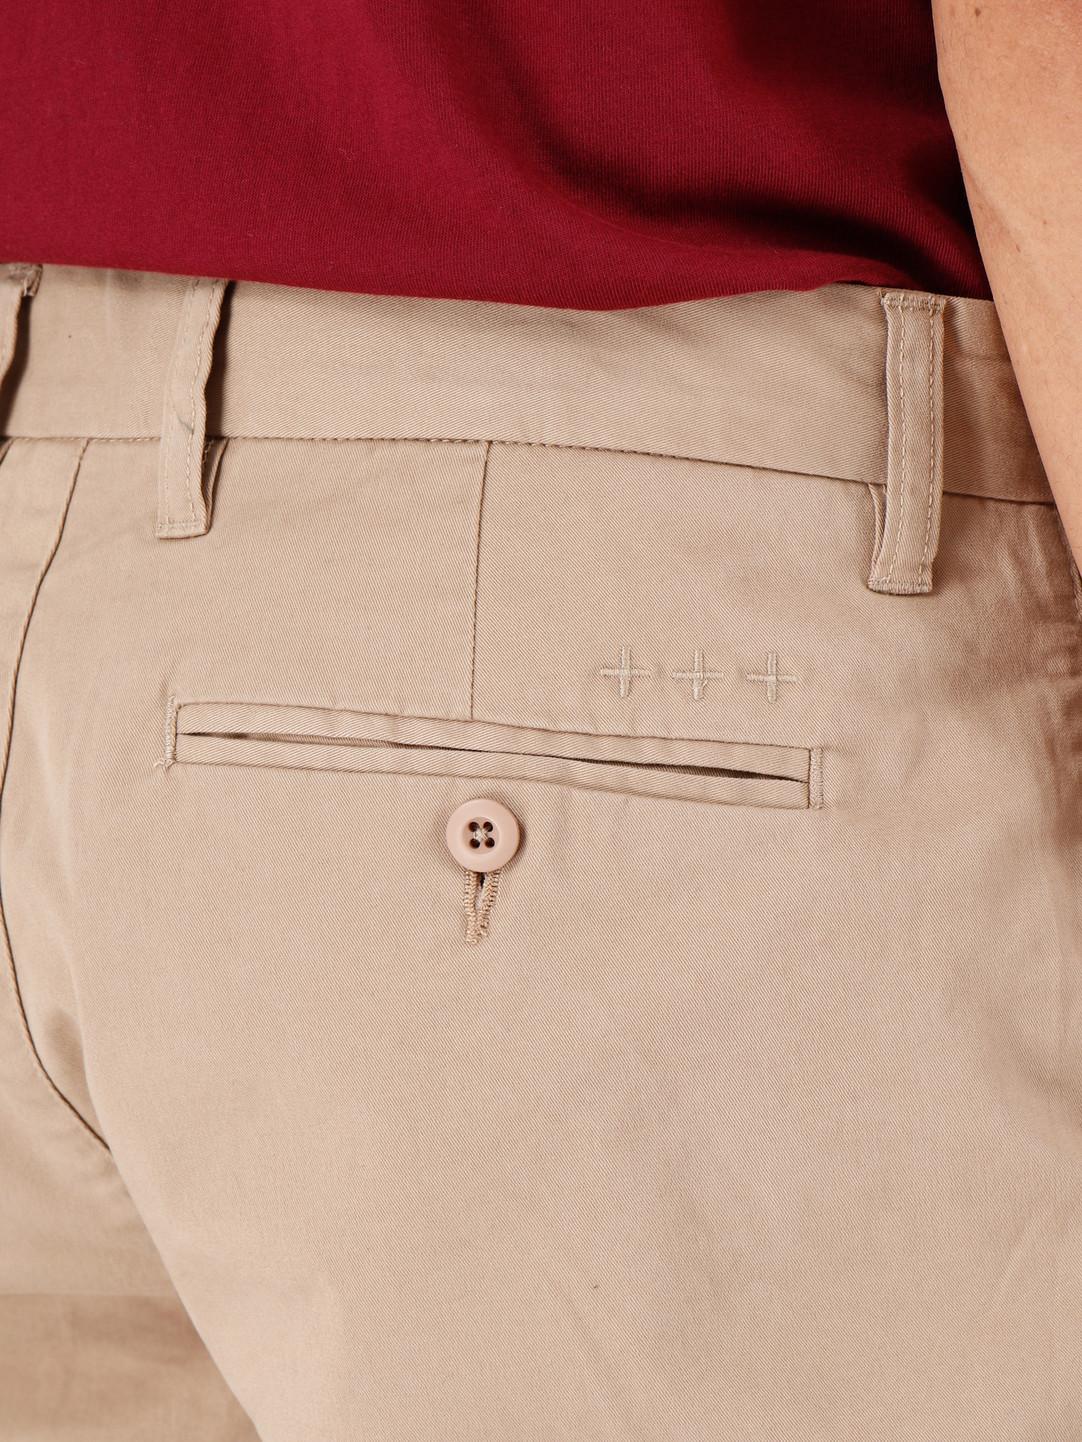 Quality Blanks Quality Blanks QB32 Chino Pant Sand